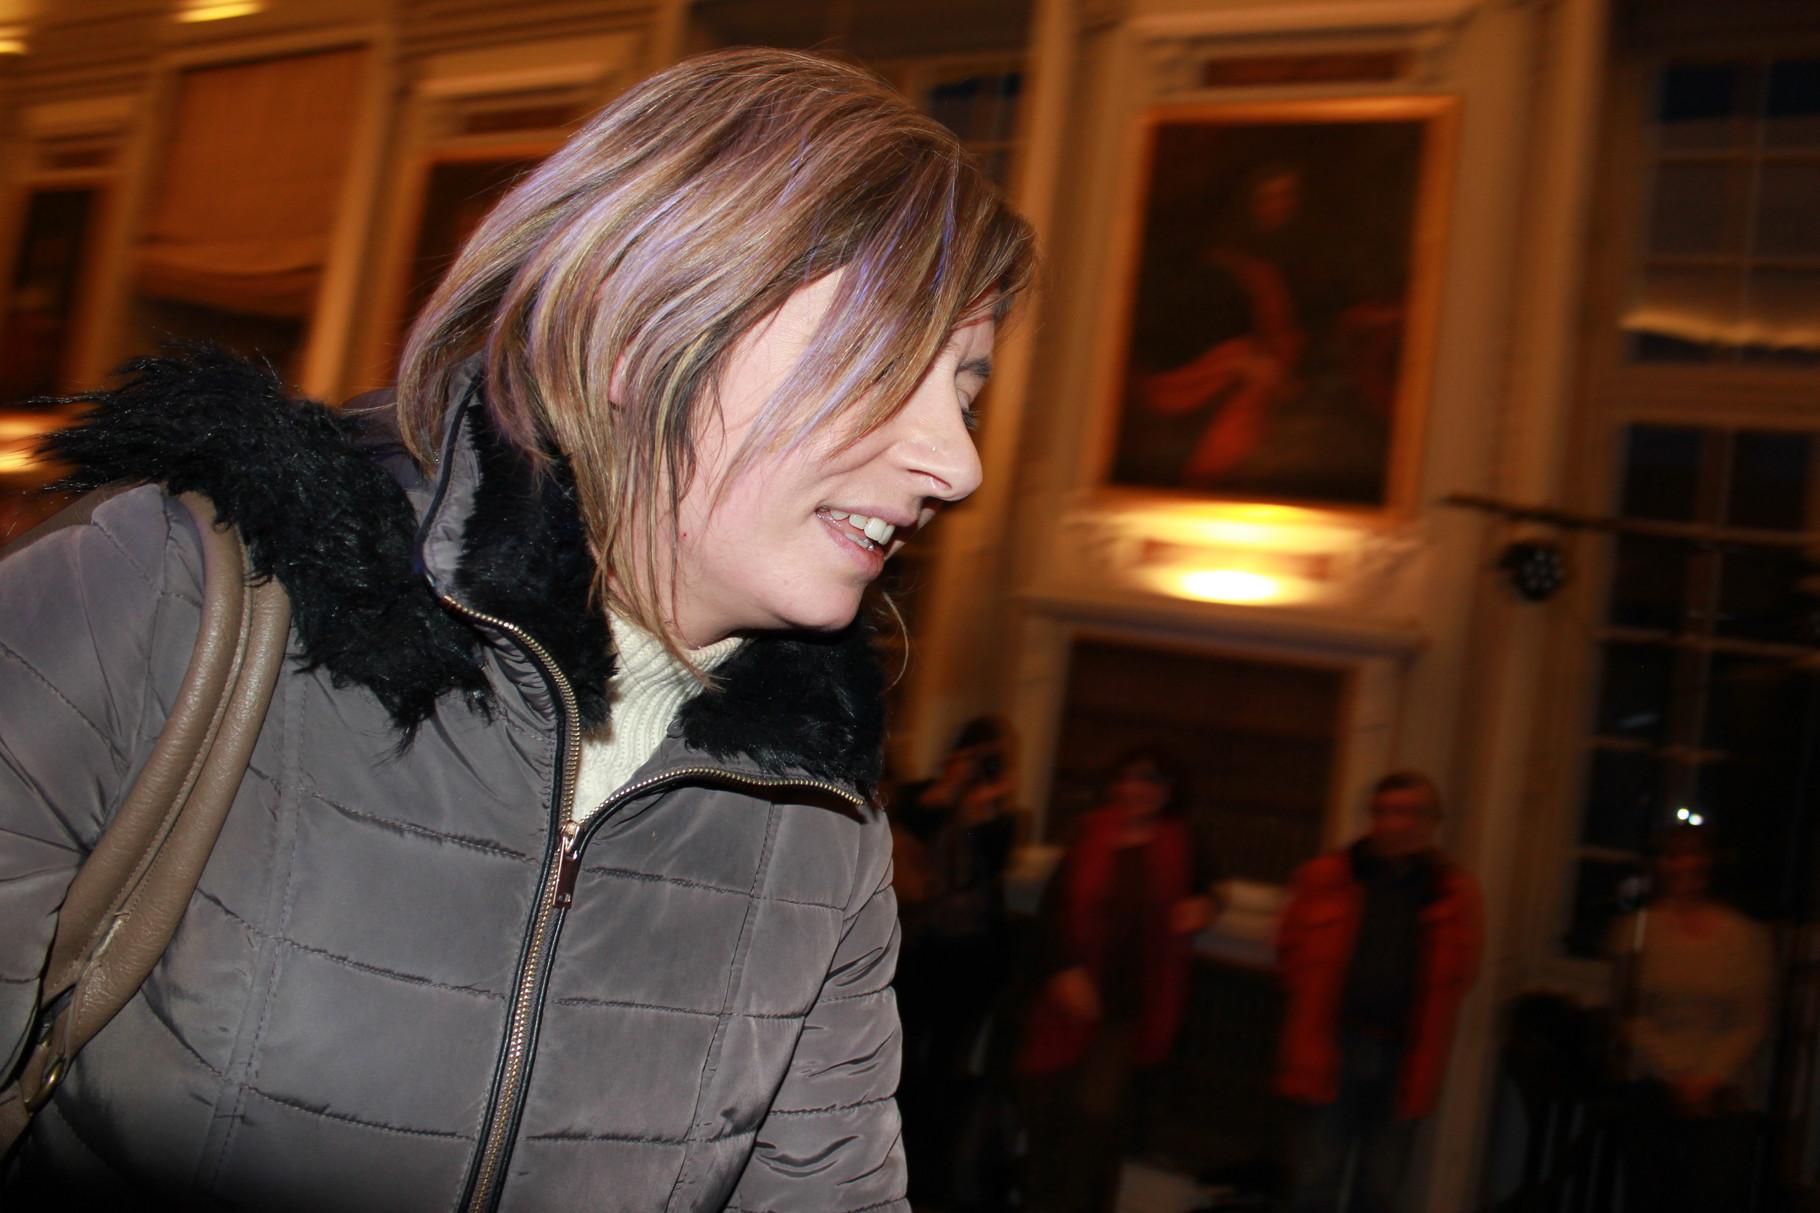 Yolaine Dippenweiller venue en famille de Nancy est le 1er Prix 2016 pour sa nouvelle Les révoltés du Bounty...